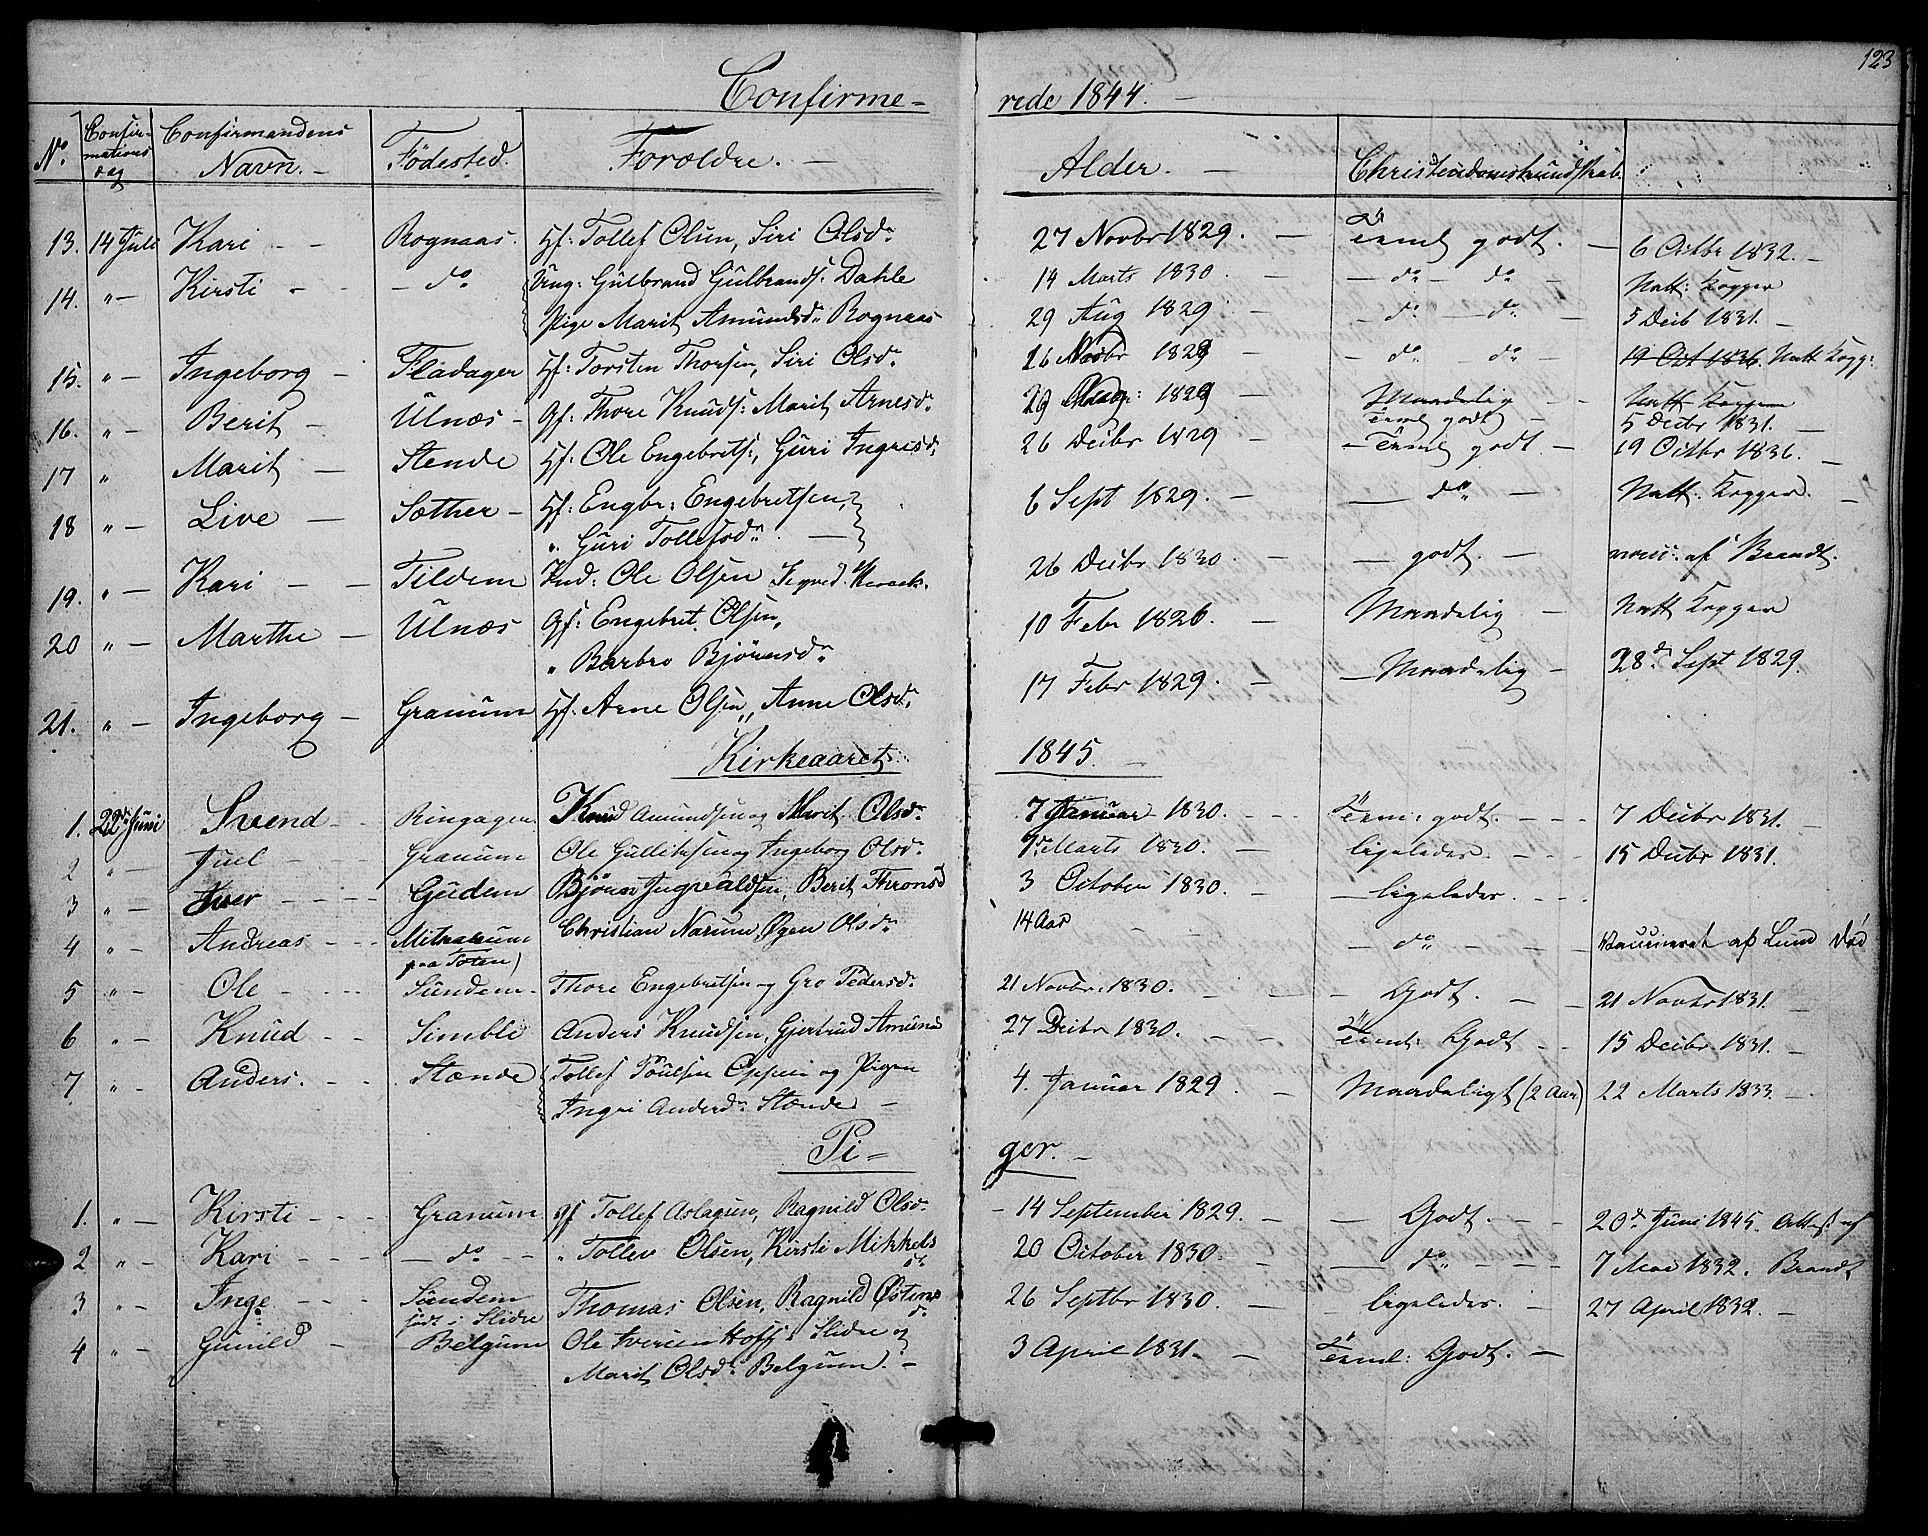 SAH, Nord-Aurdal prestekontor, Klokkerbok nr. 4, 1842-1882, s. 123